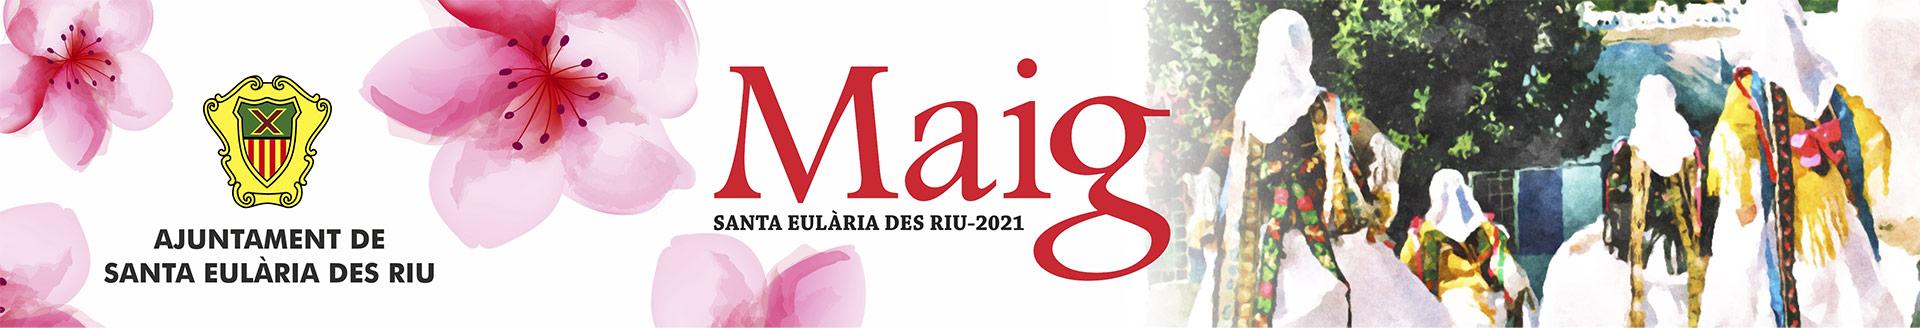 cabecera maig2021